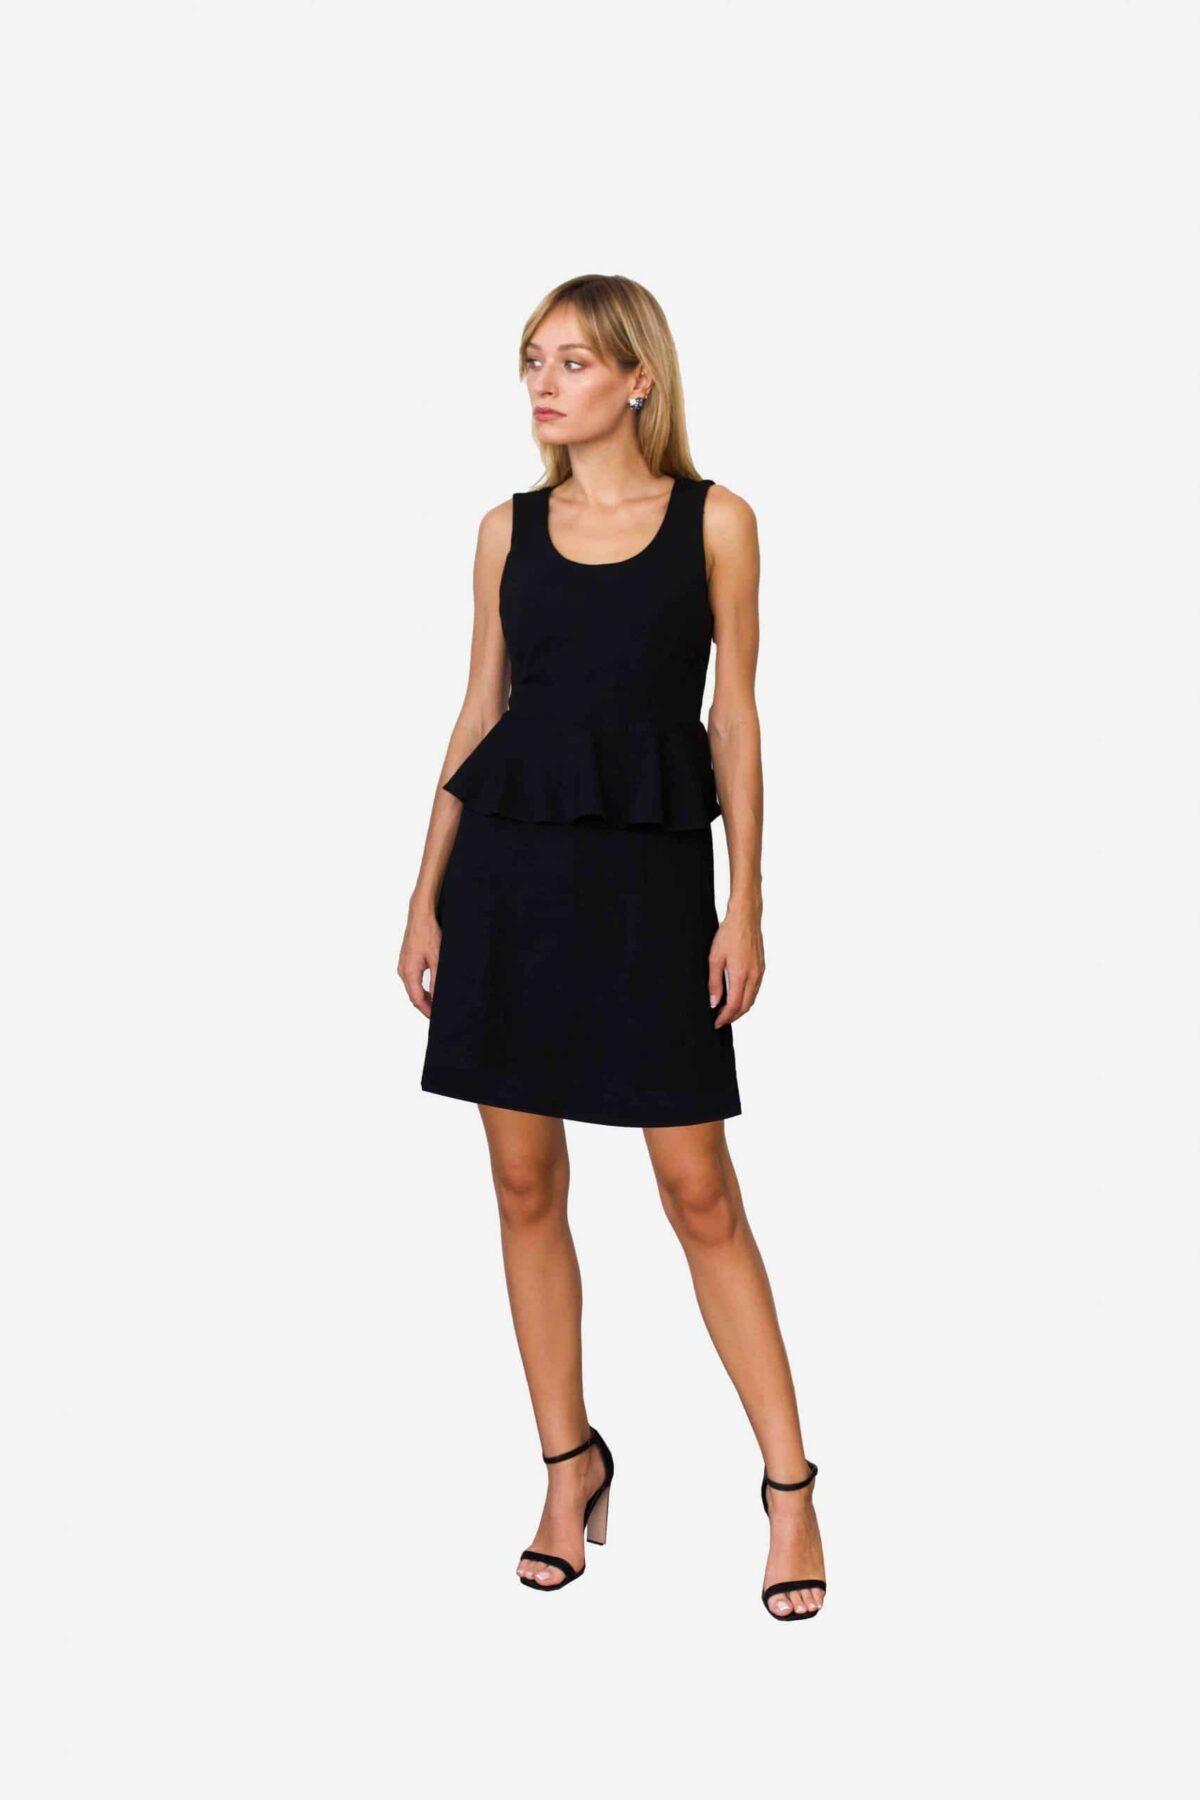 Kleid Sarah von SANOGE - ärmelloses Etuikleid mit Volant aus tiefschwarzem Premium Jersey